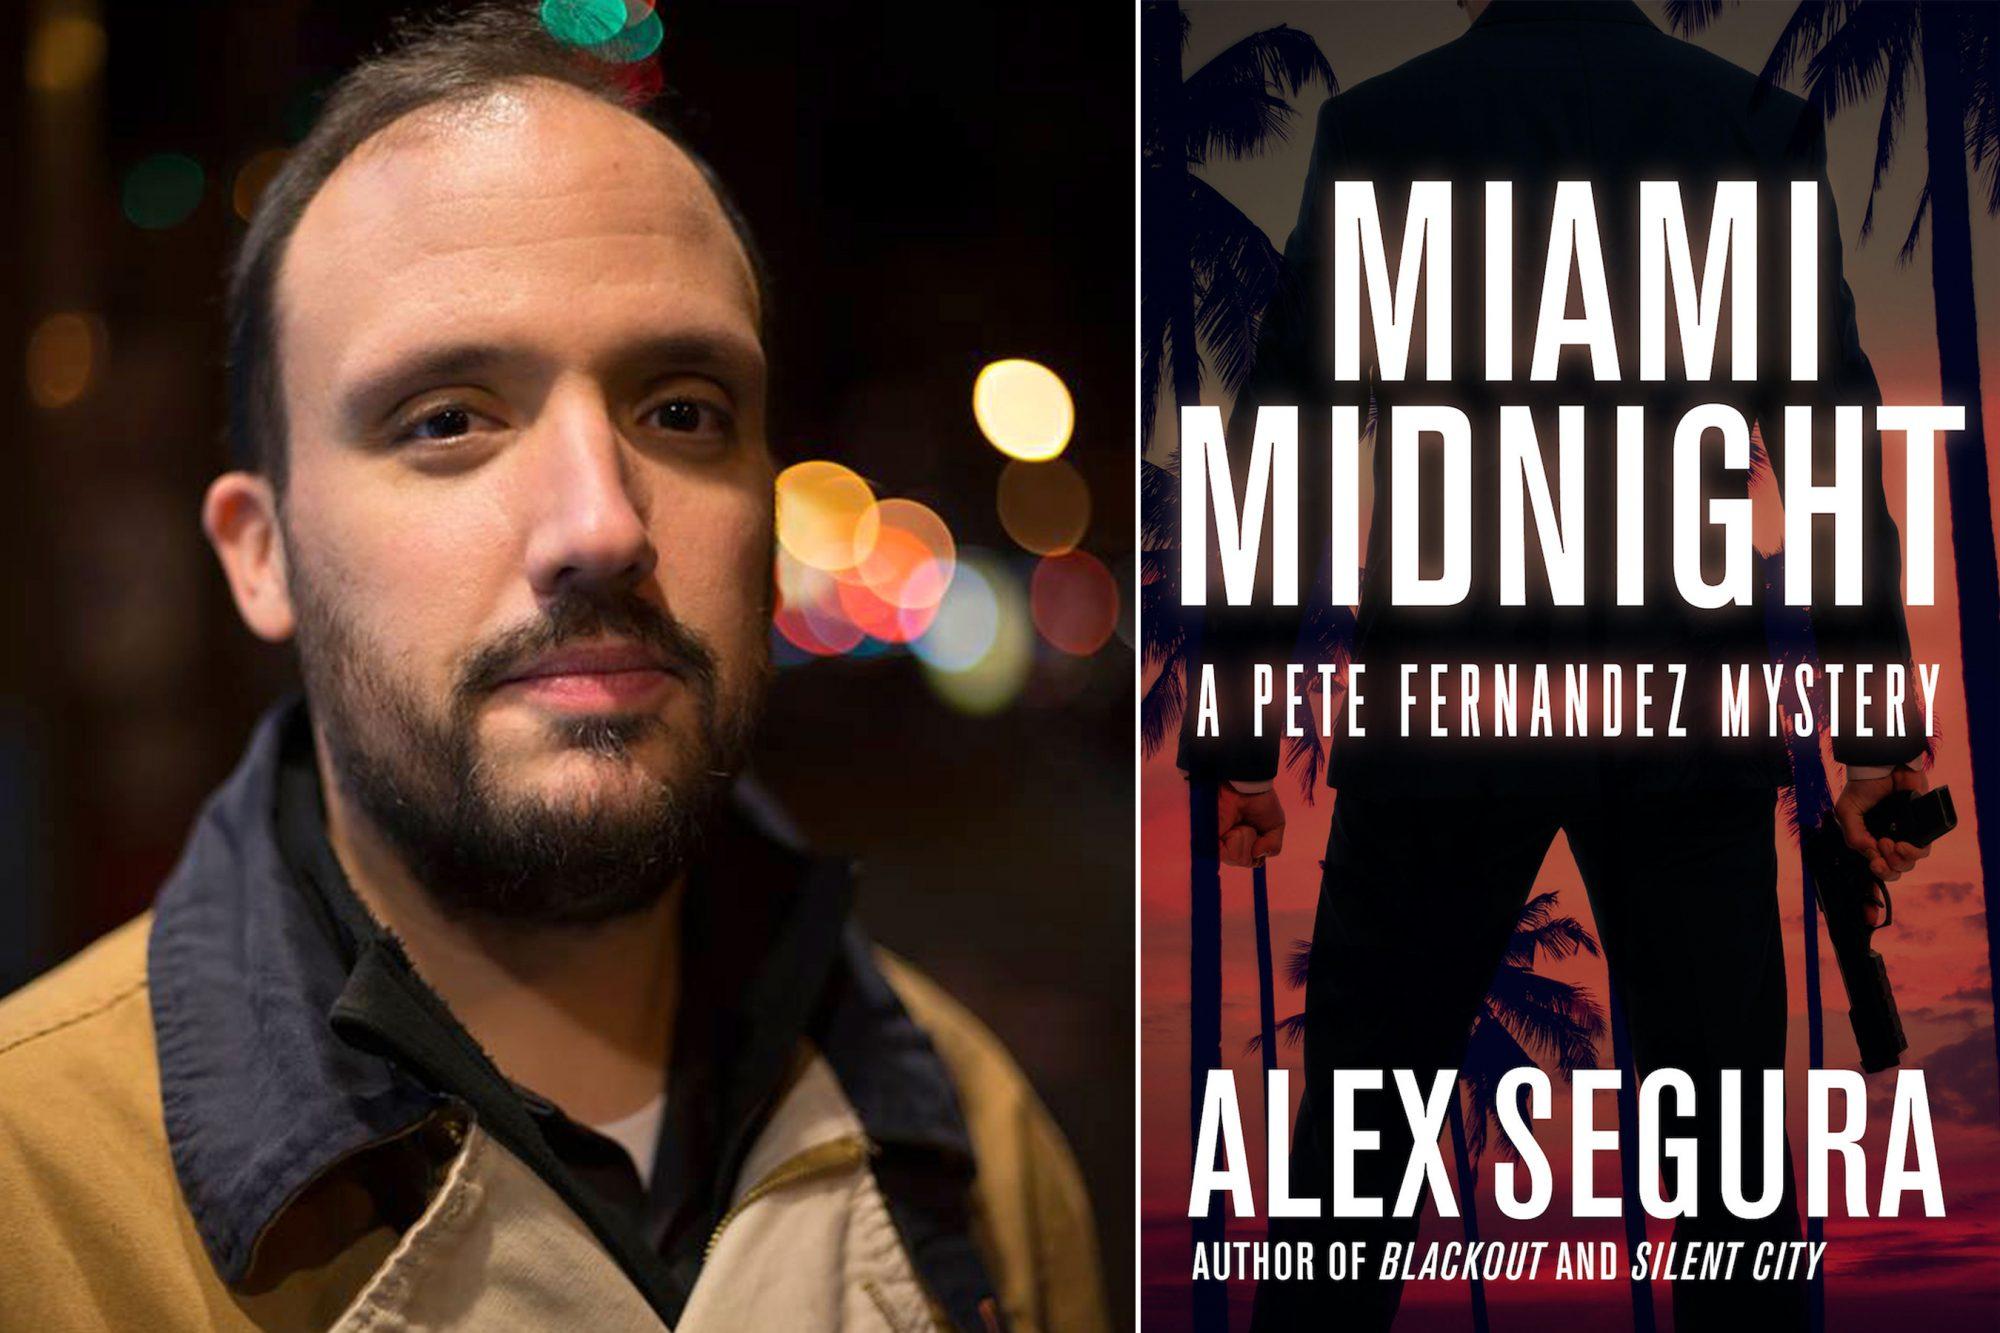 Alex-segura-Miami-Midnight